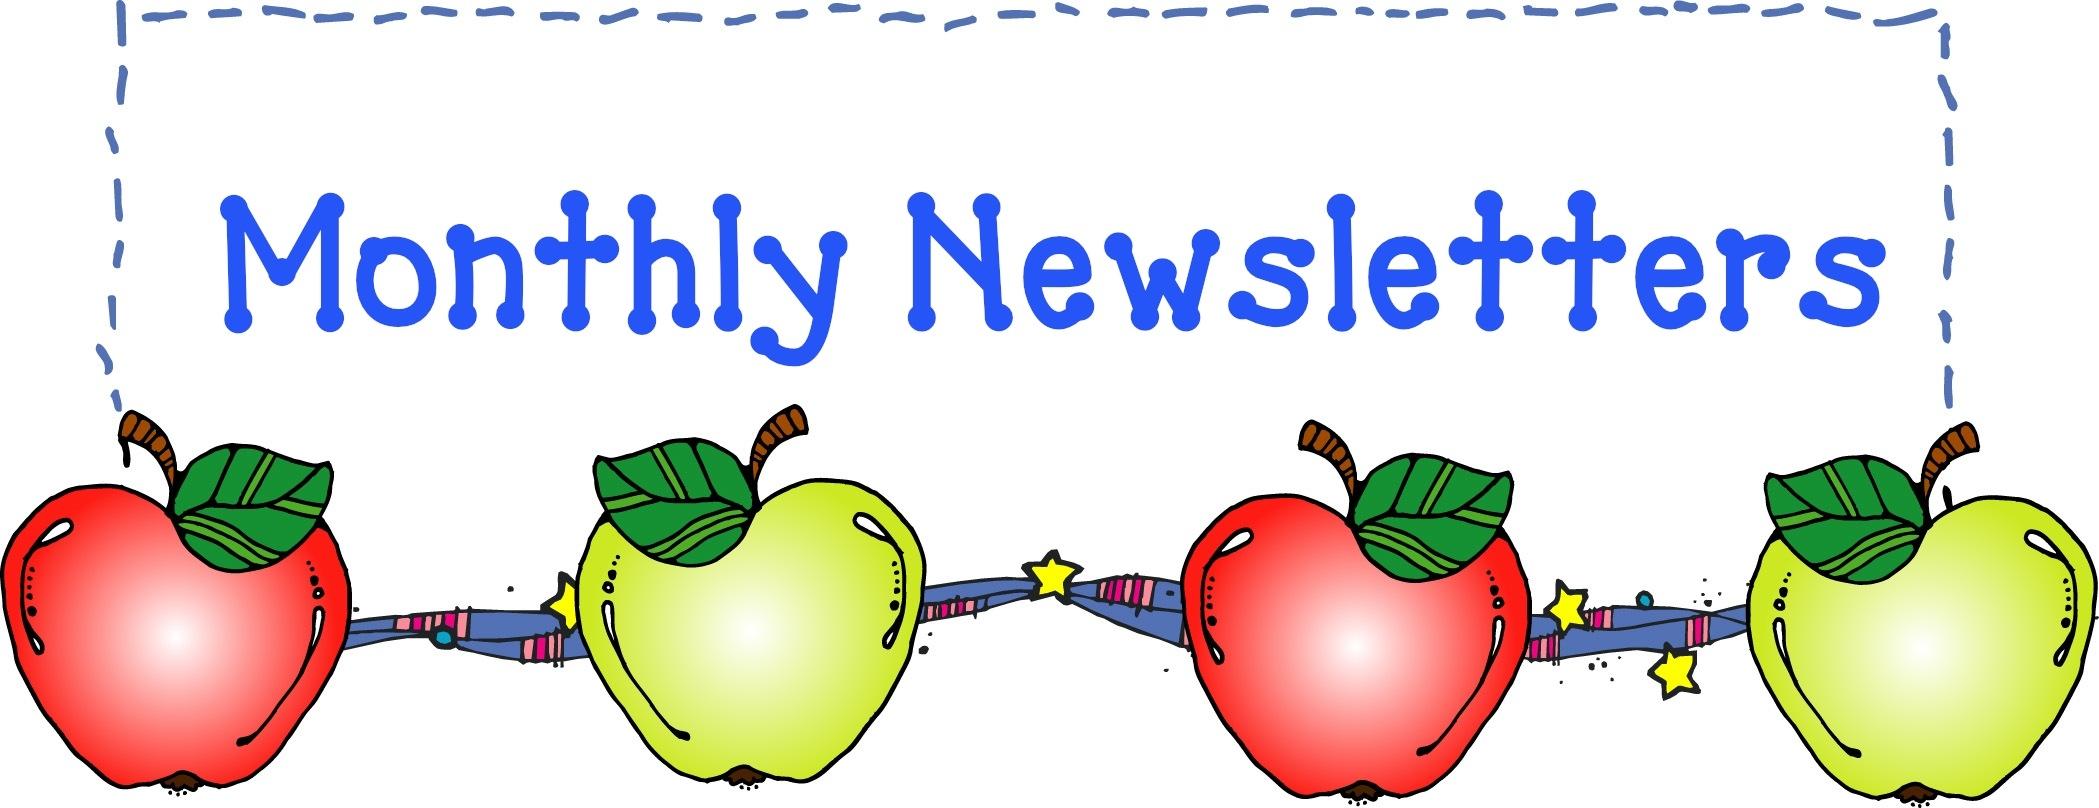 Class newsletter clipart.